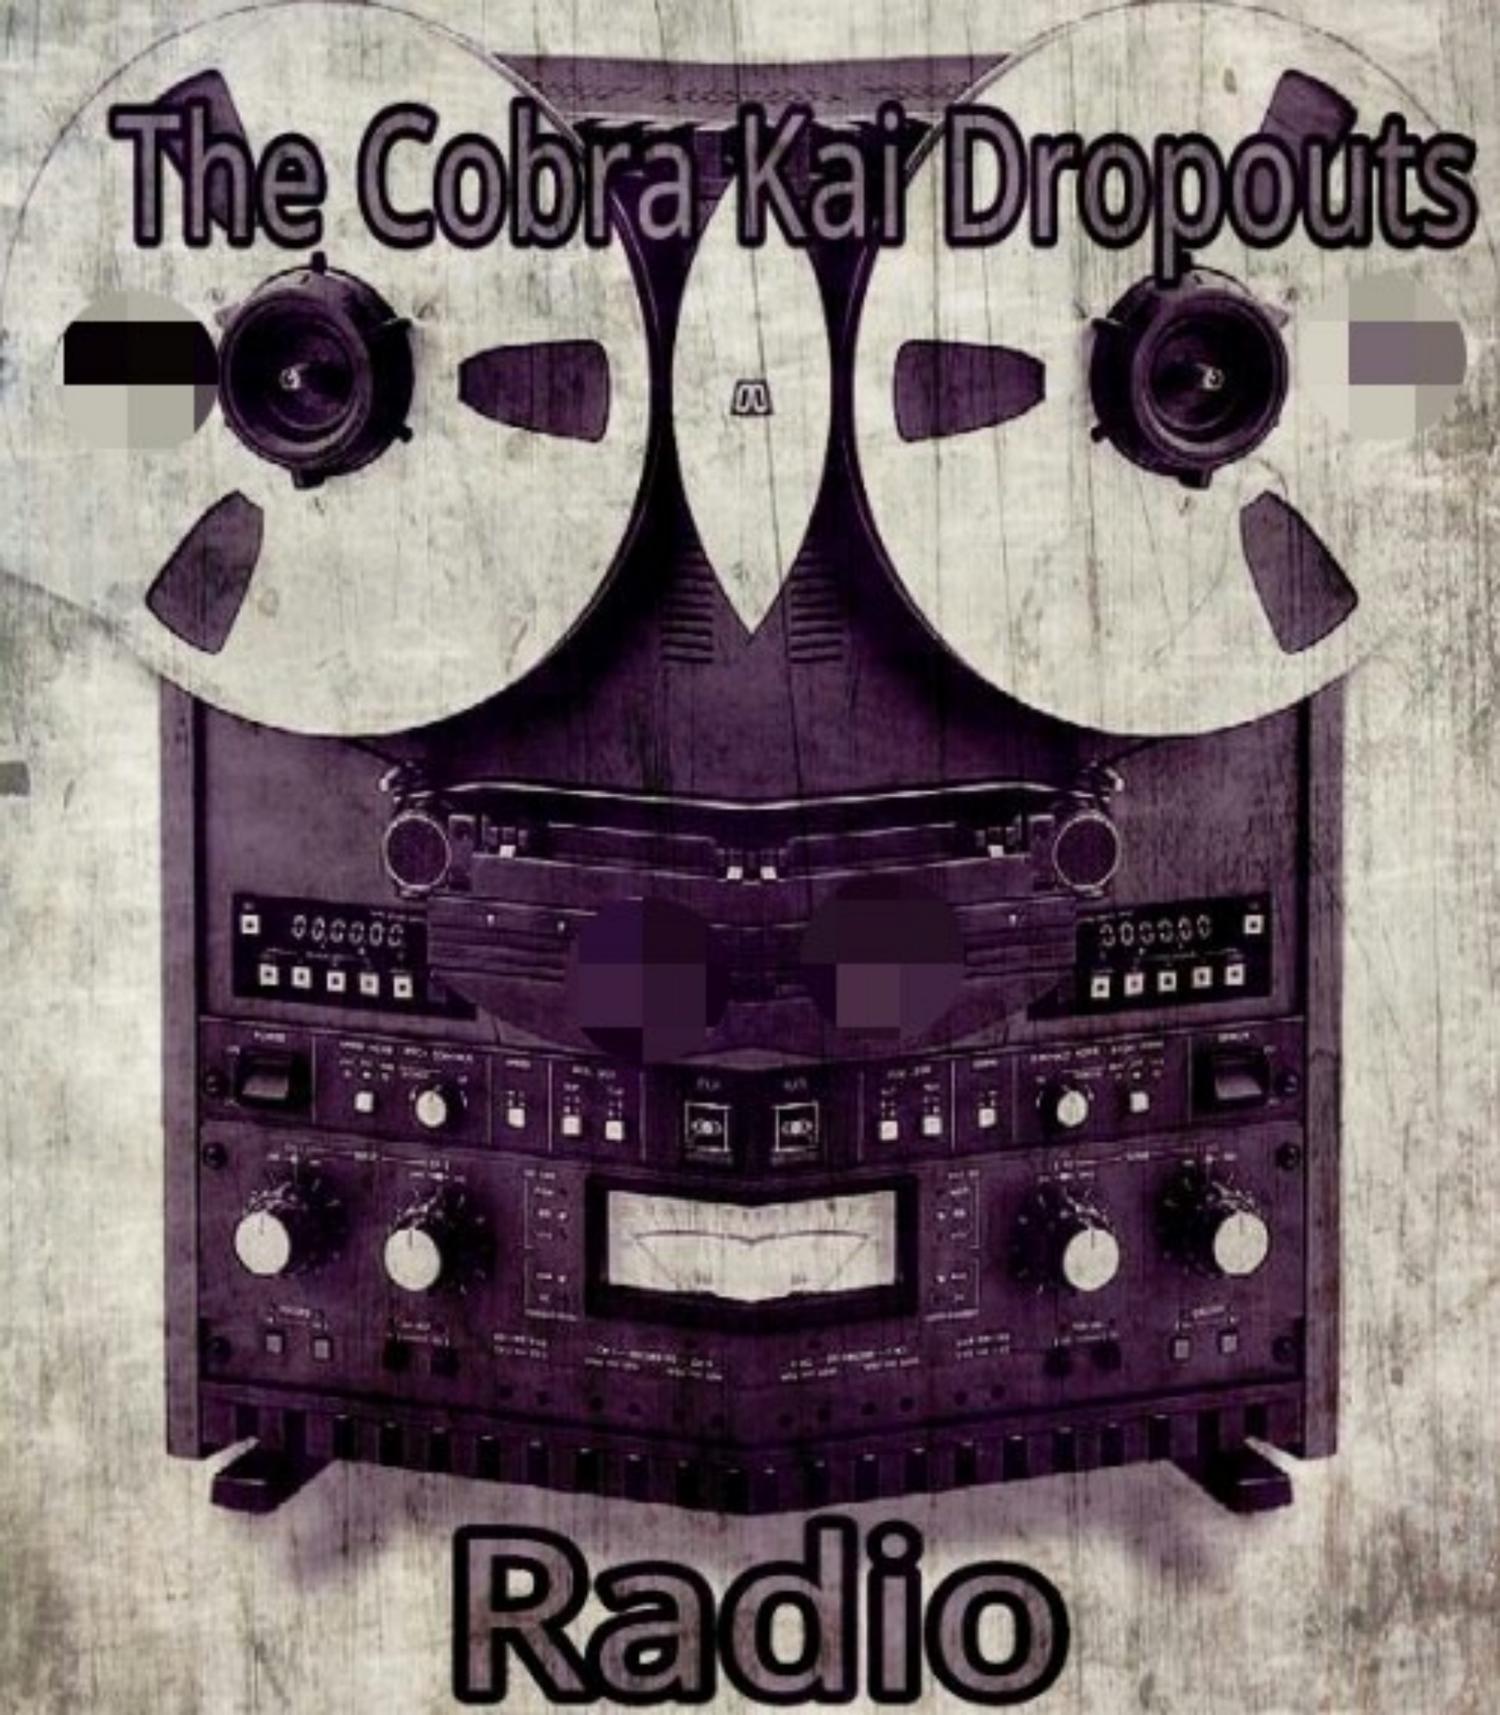 TCKD Radio - The Cobra Kai Dropouts